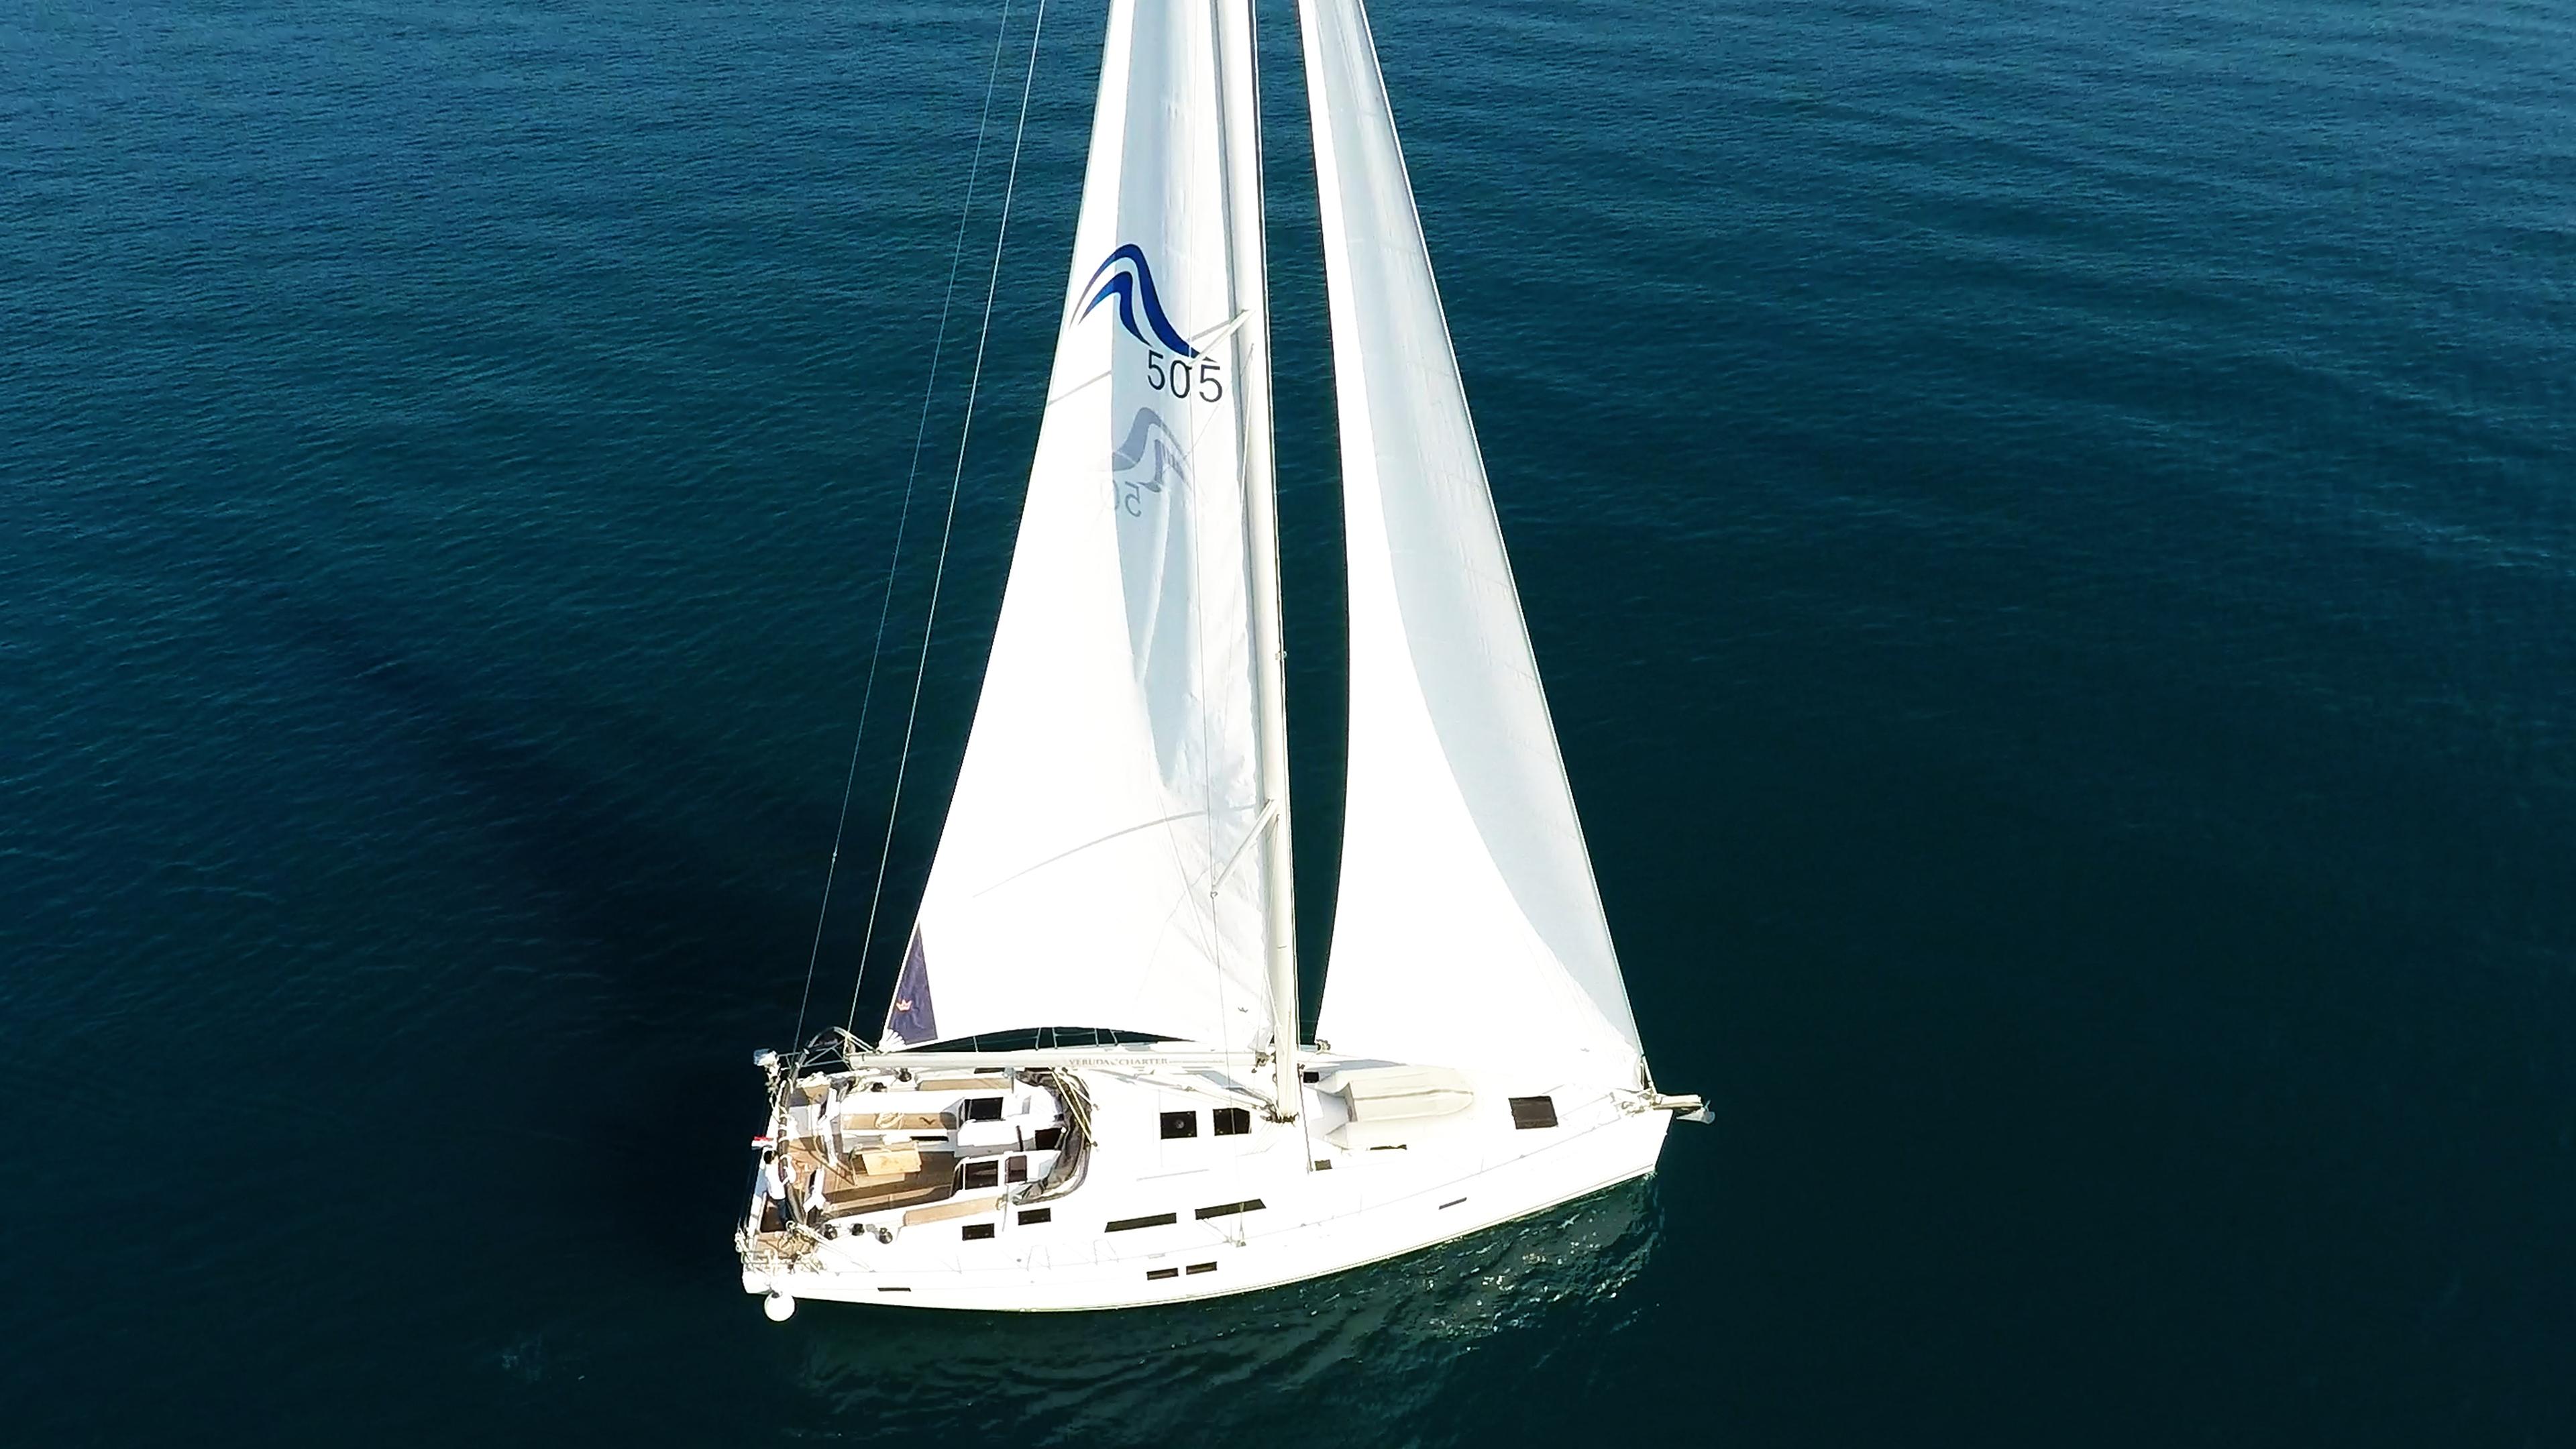 barcha a vela Hanse 505 yacht a vela aereo 2